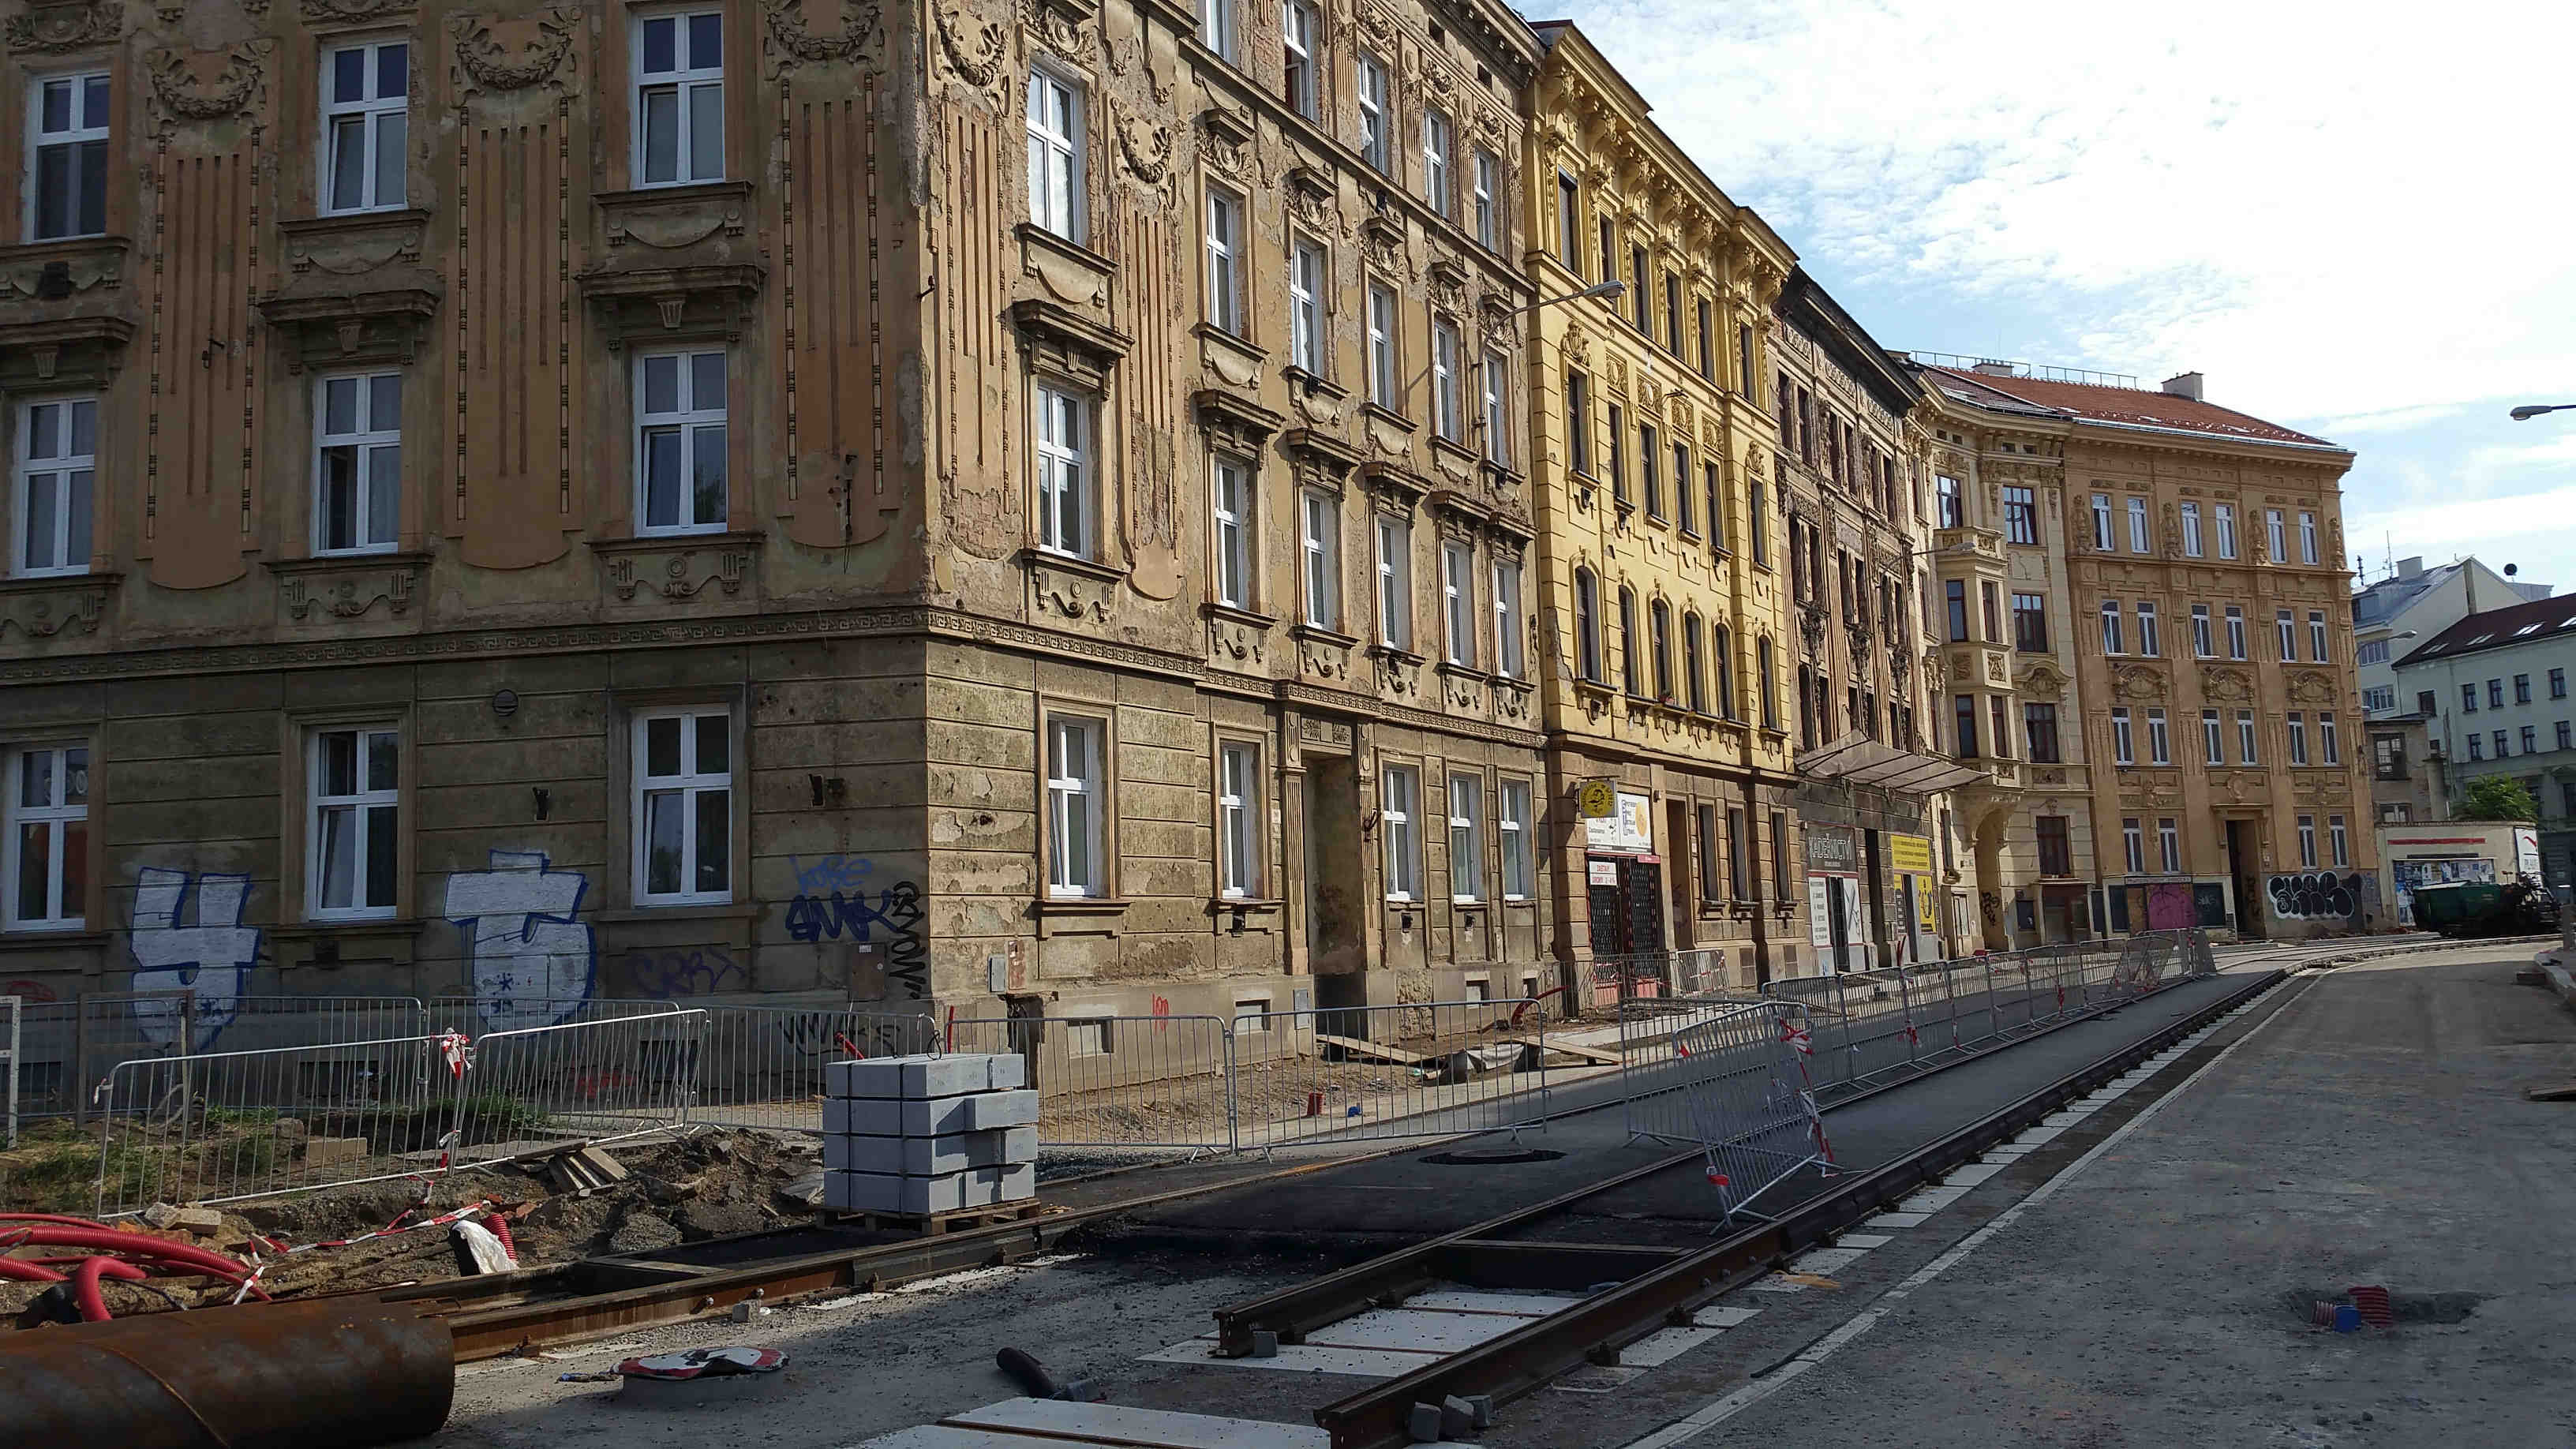 Ulice Cejl v Brně